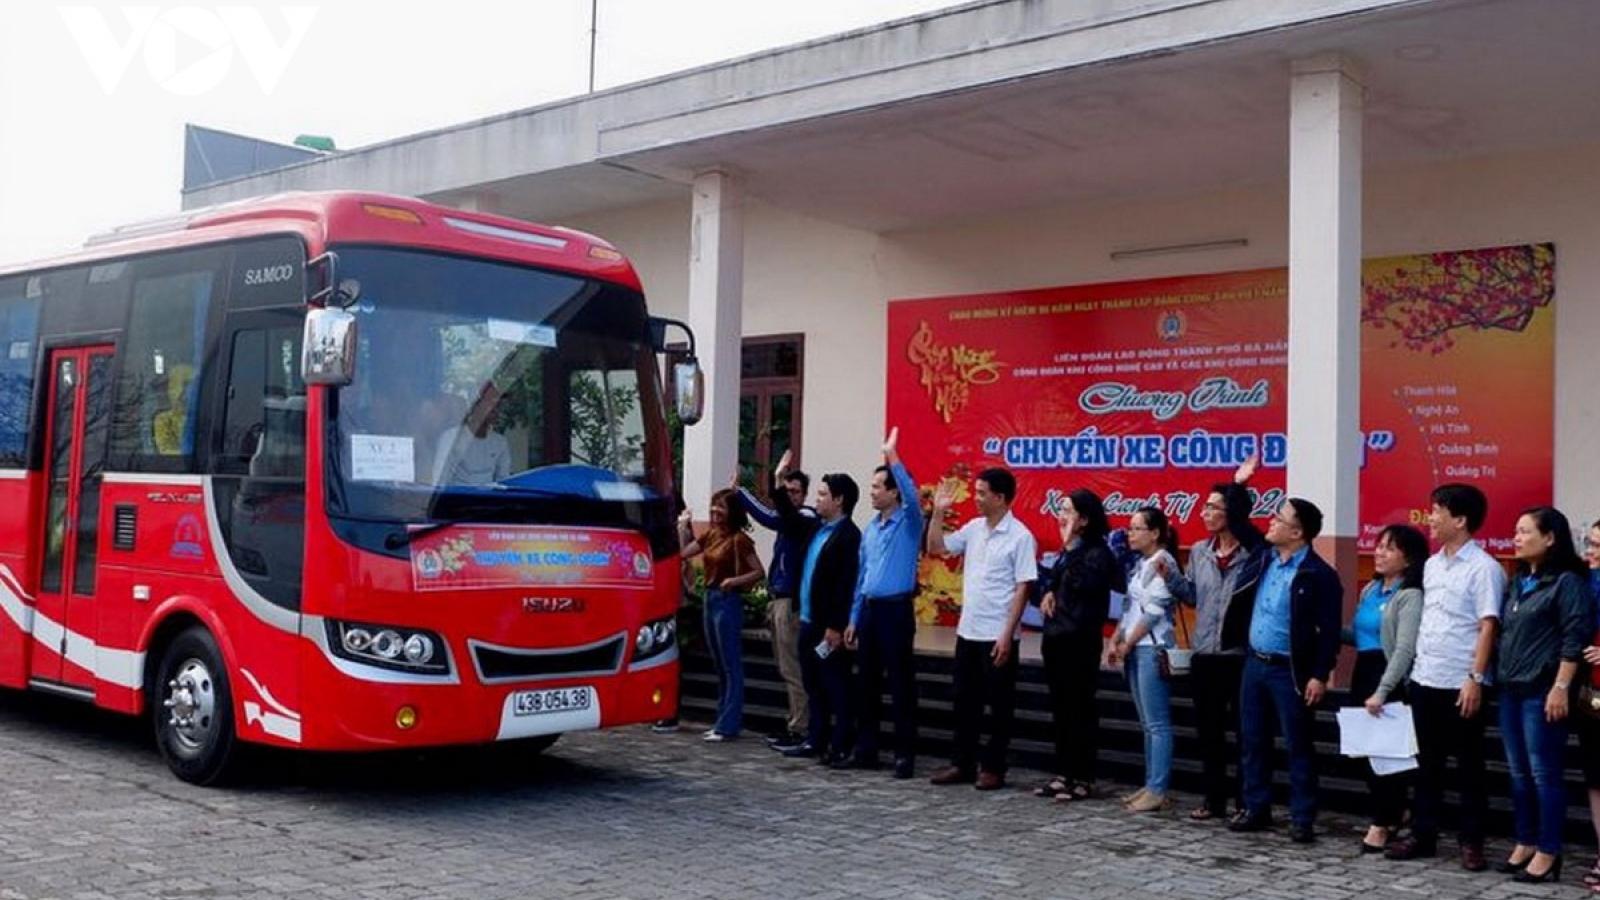 Đà Nẵng hỗtrợ 79 chuyến xe đưa công nhân về quê ăn Tết